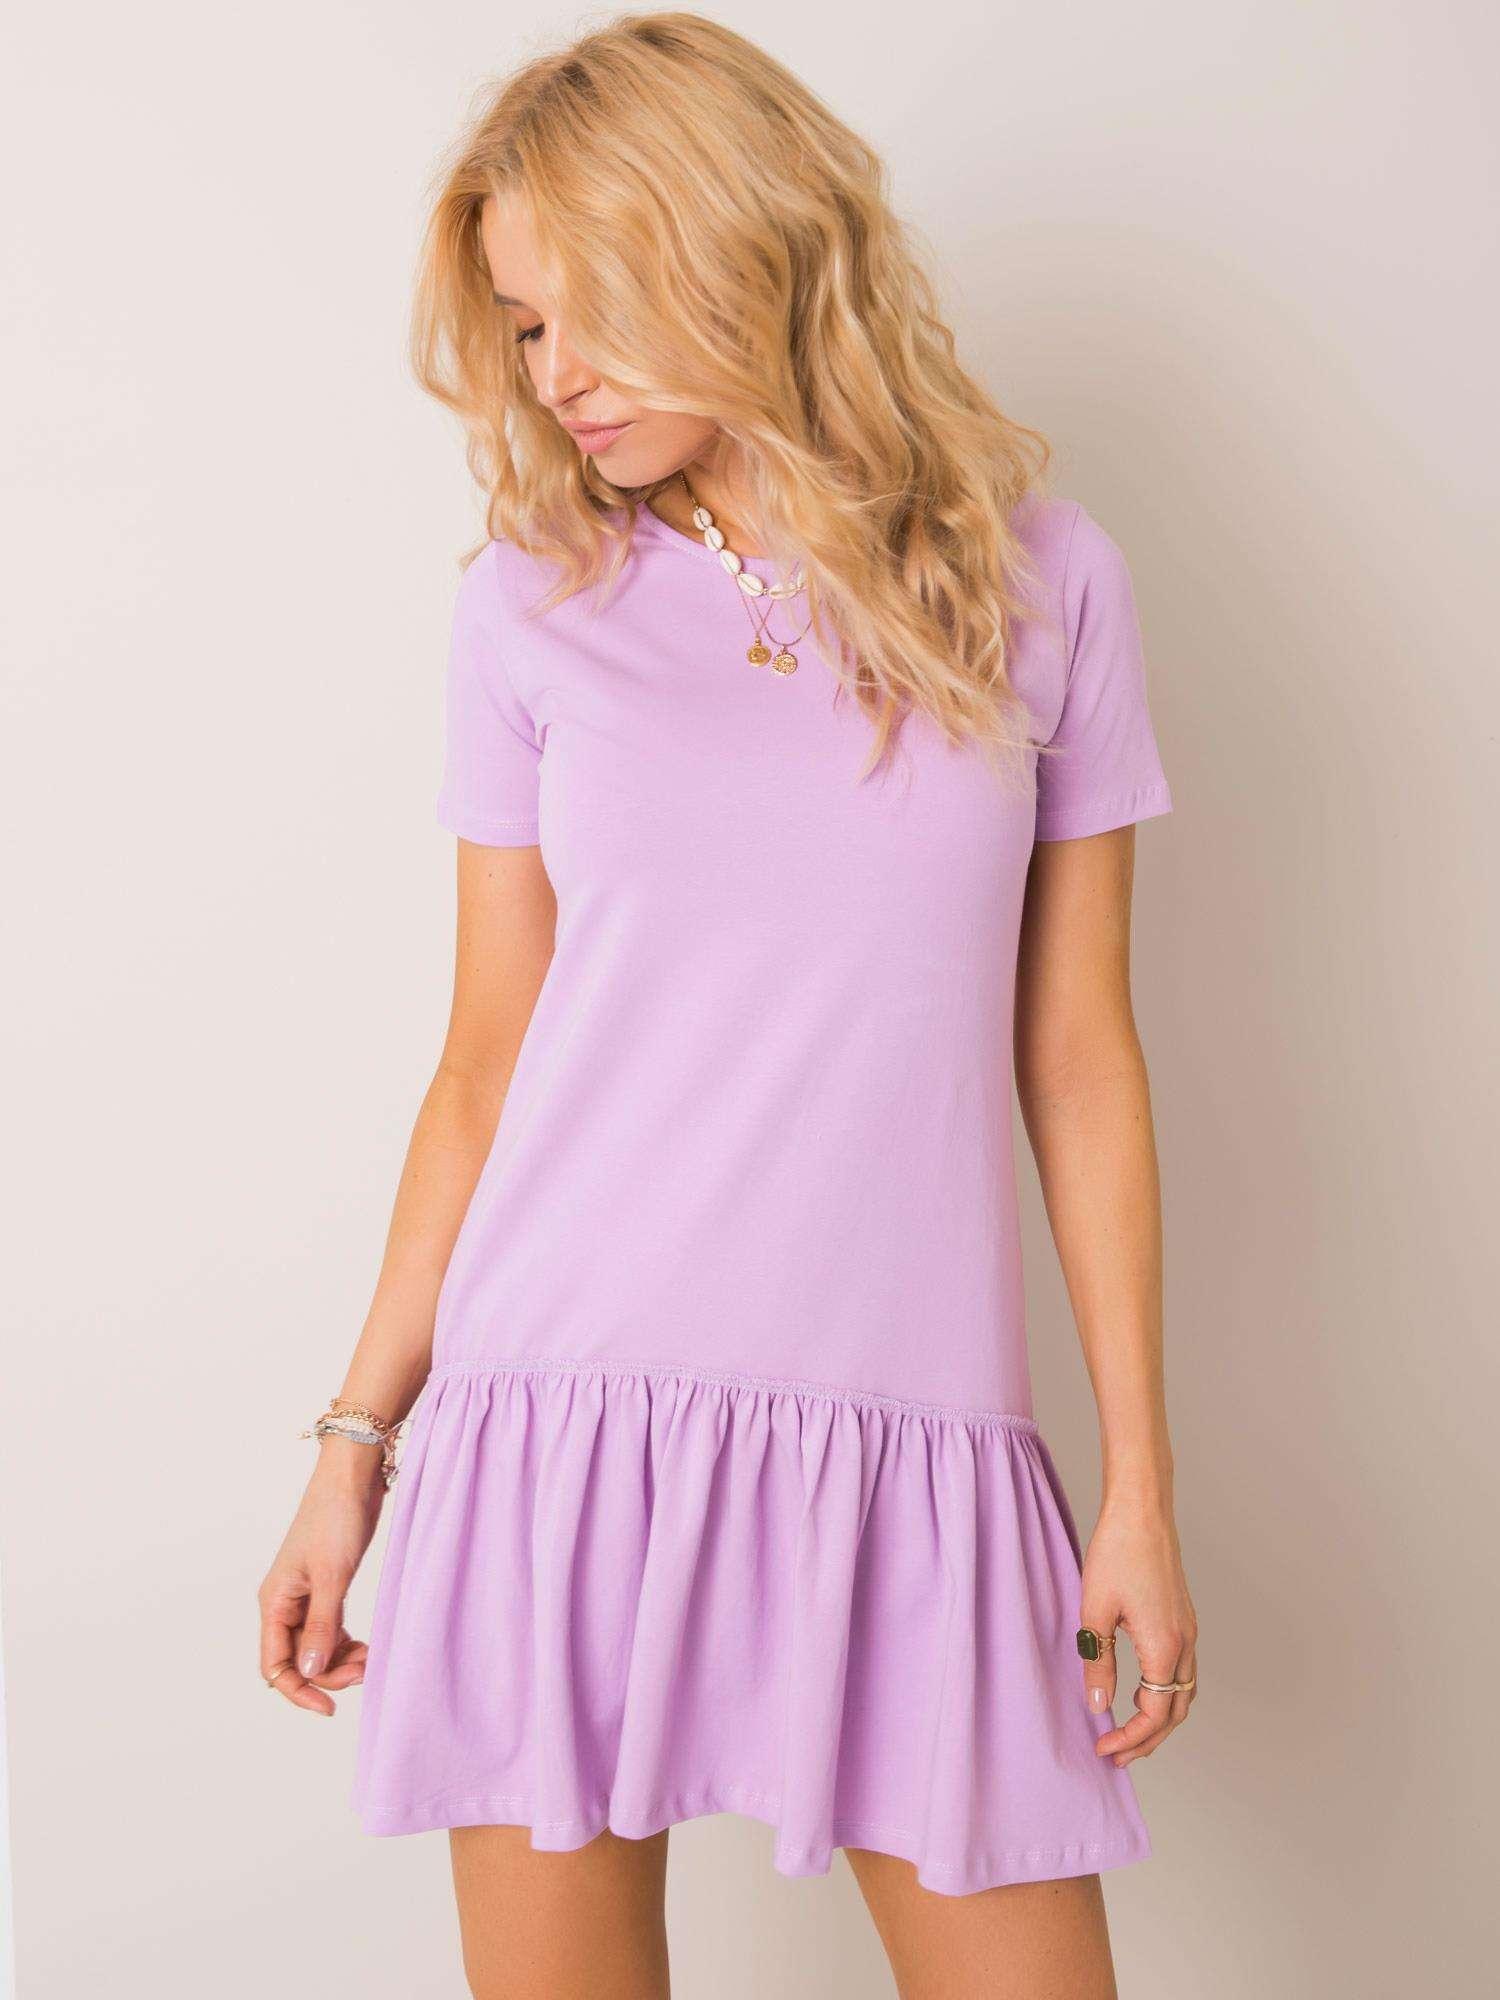 Fialové bavlnené šaty s krátkym rukávom a volánikmi - S